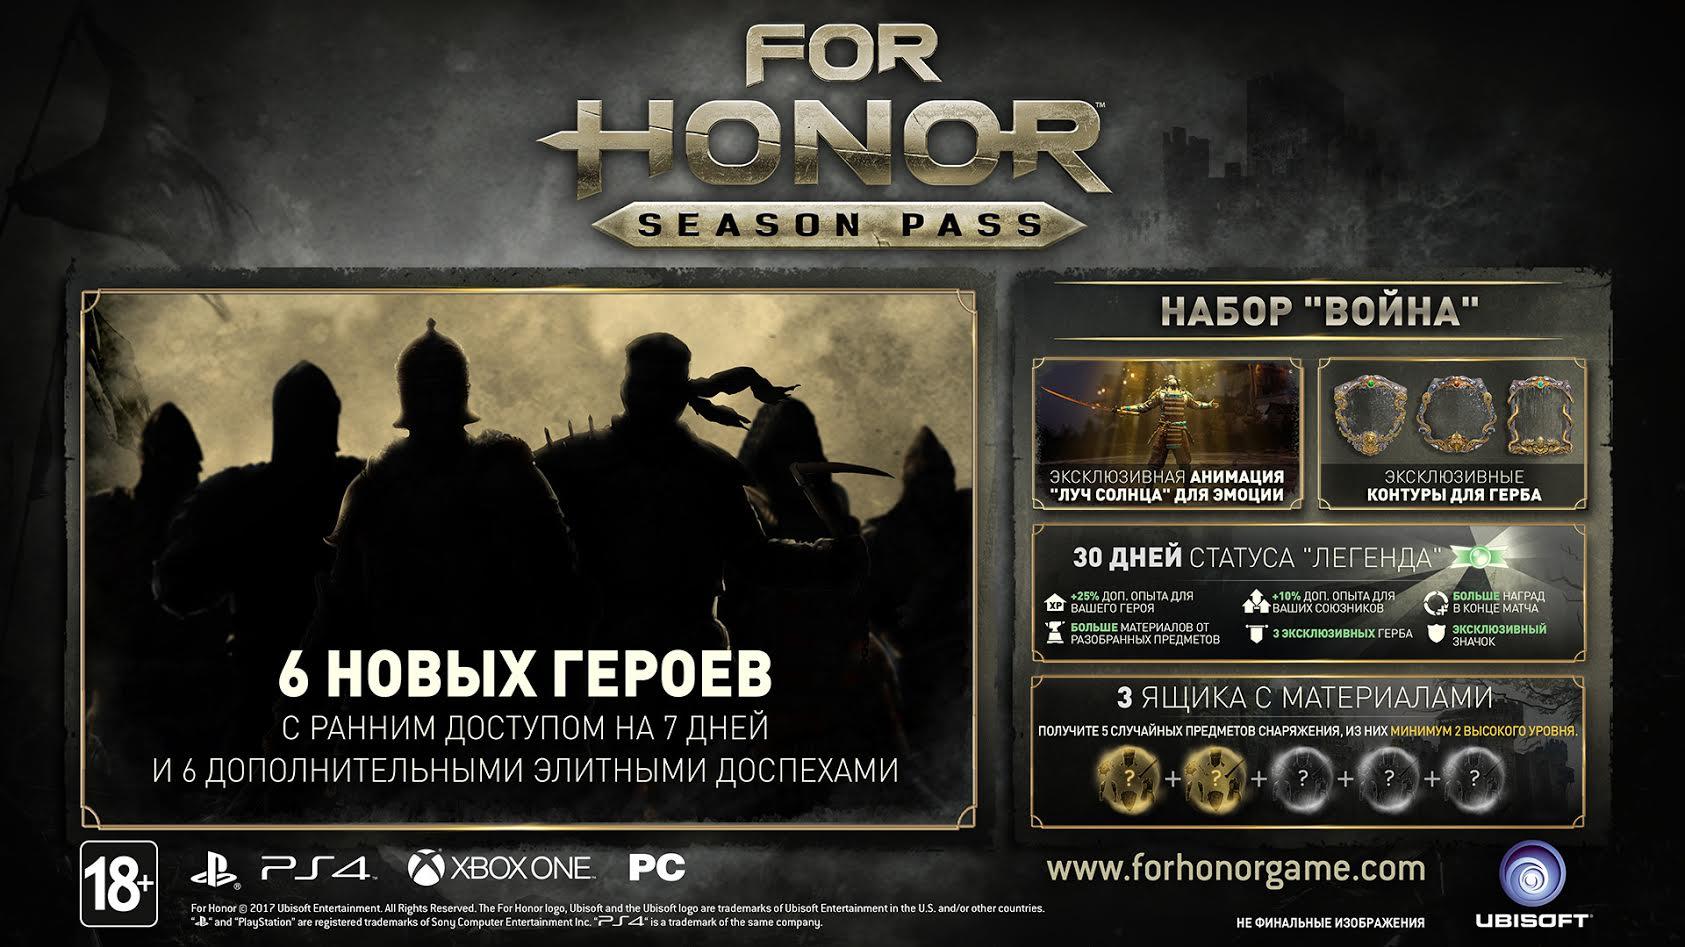 Детали сезонного пропуска For Honor